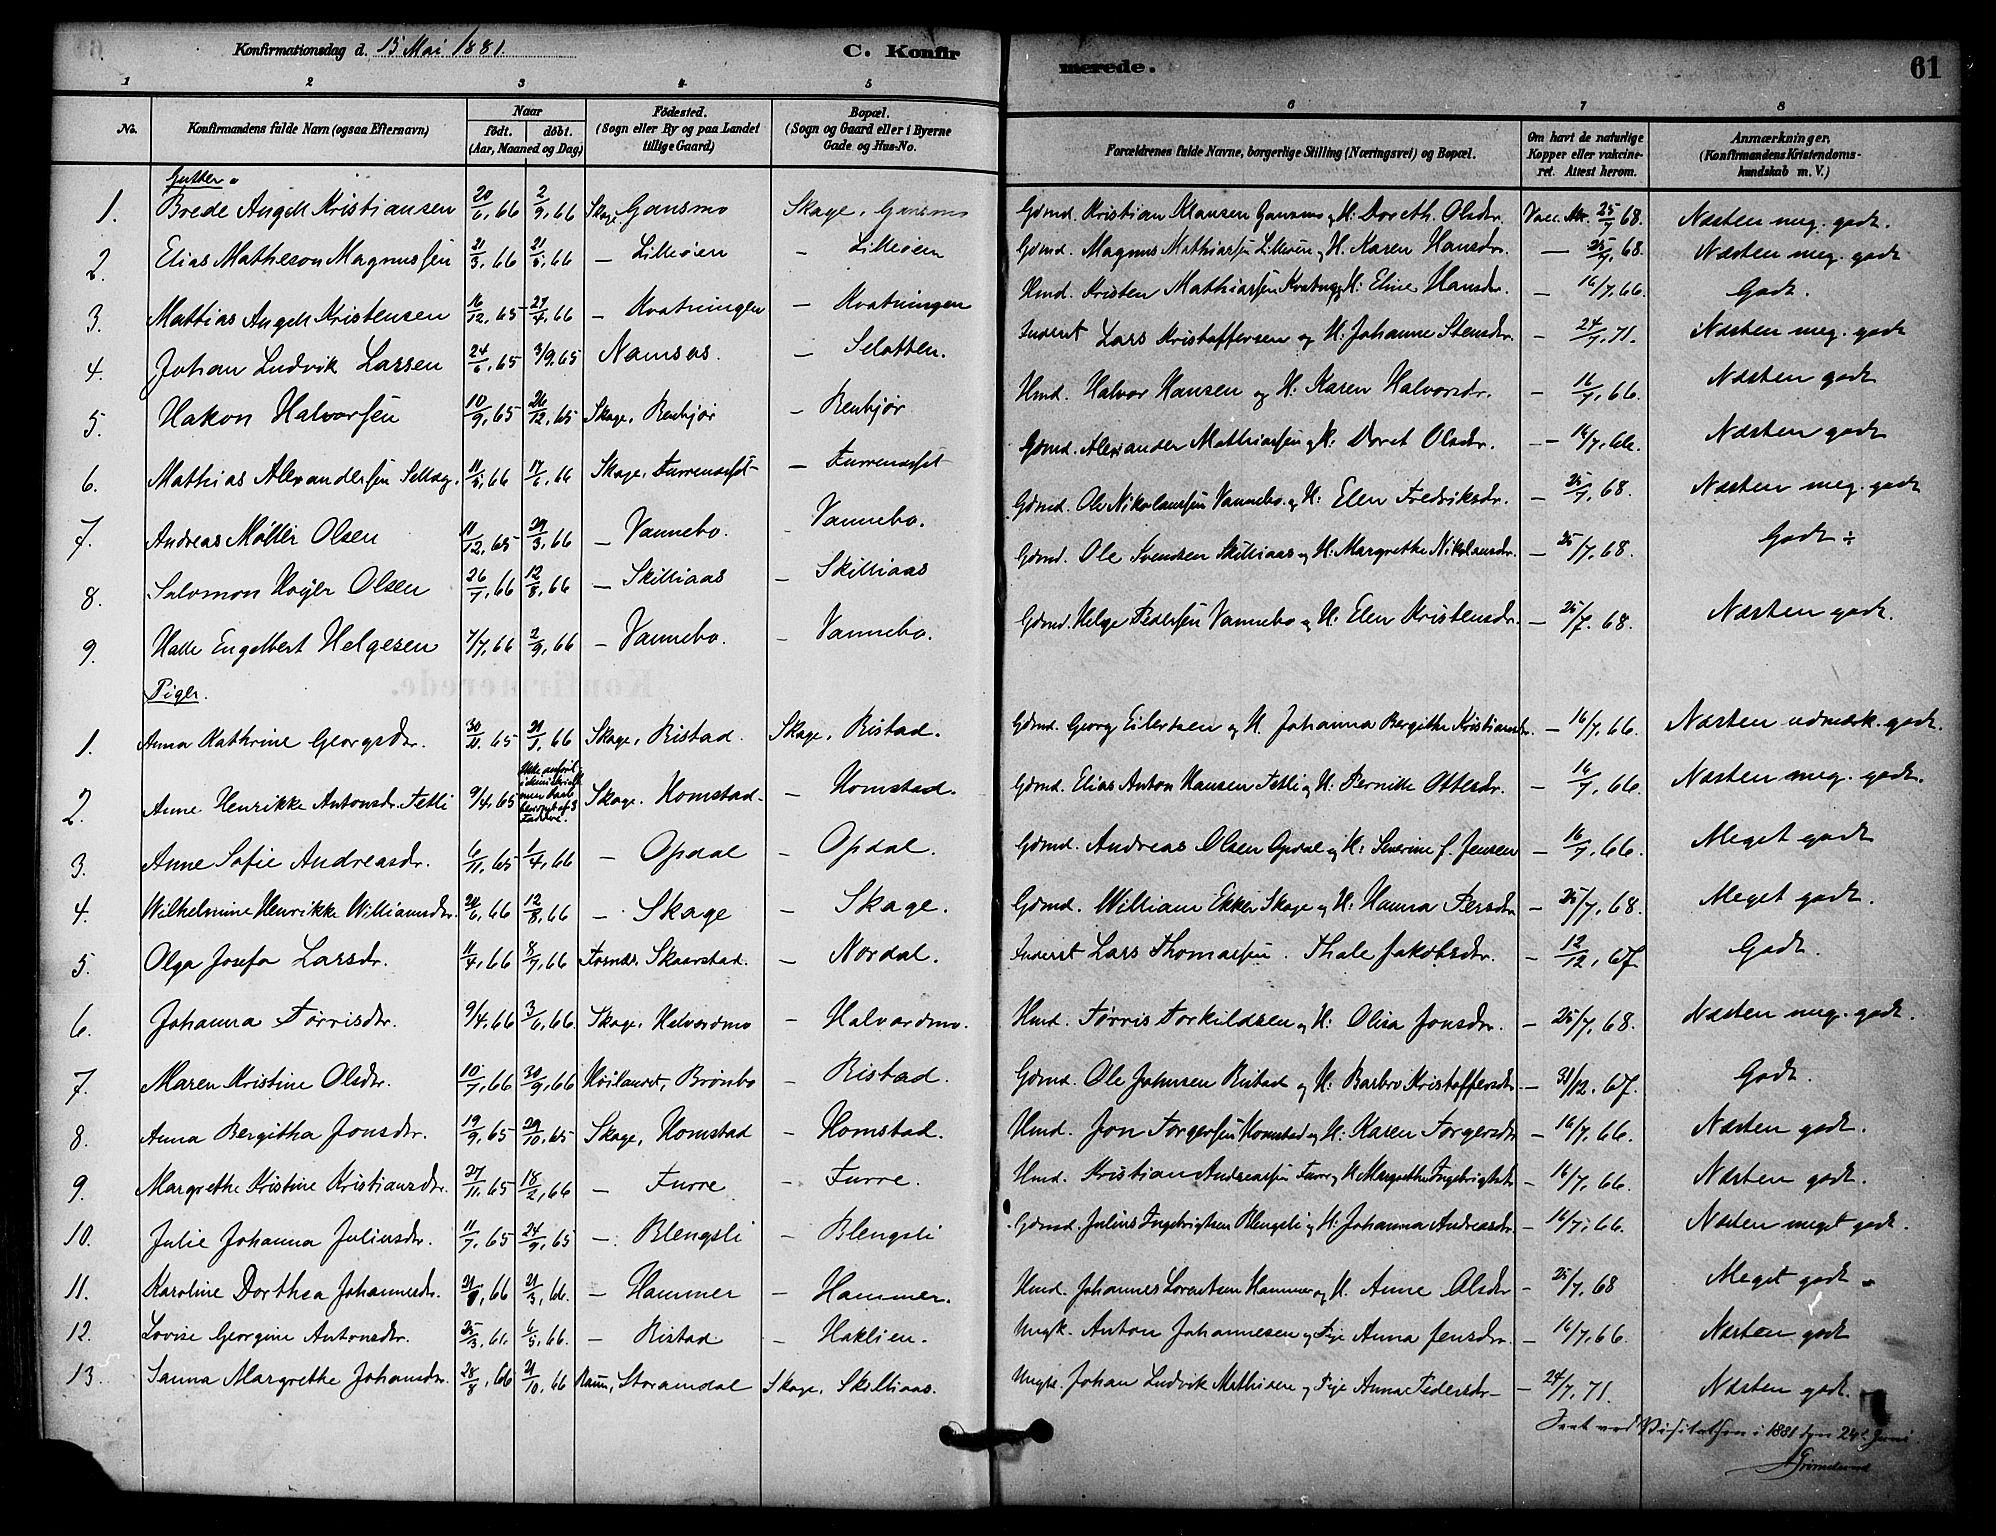 SAT, Ministerialprotokoller, klokkerbøker og fødselsregistre - Nord-Trøndelag, 766/L0563: Ministerialbok nr. 767A01, 1881-1899, s. 61